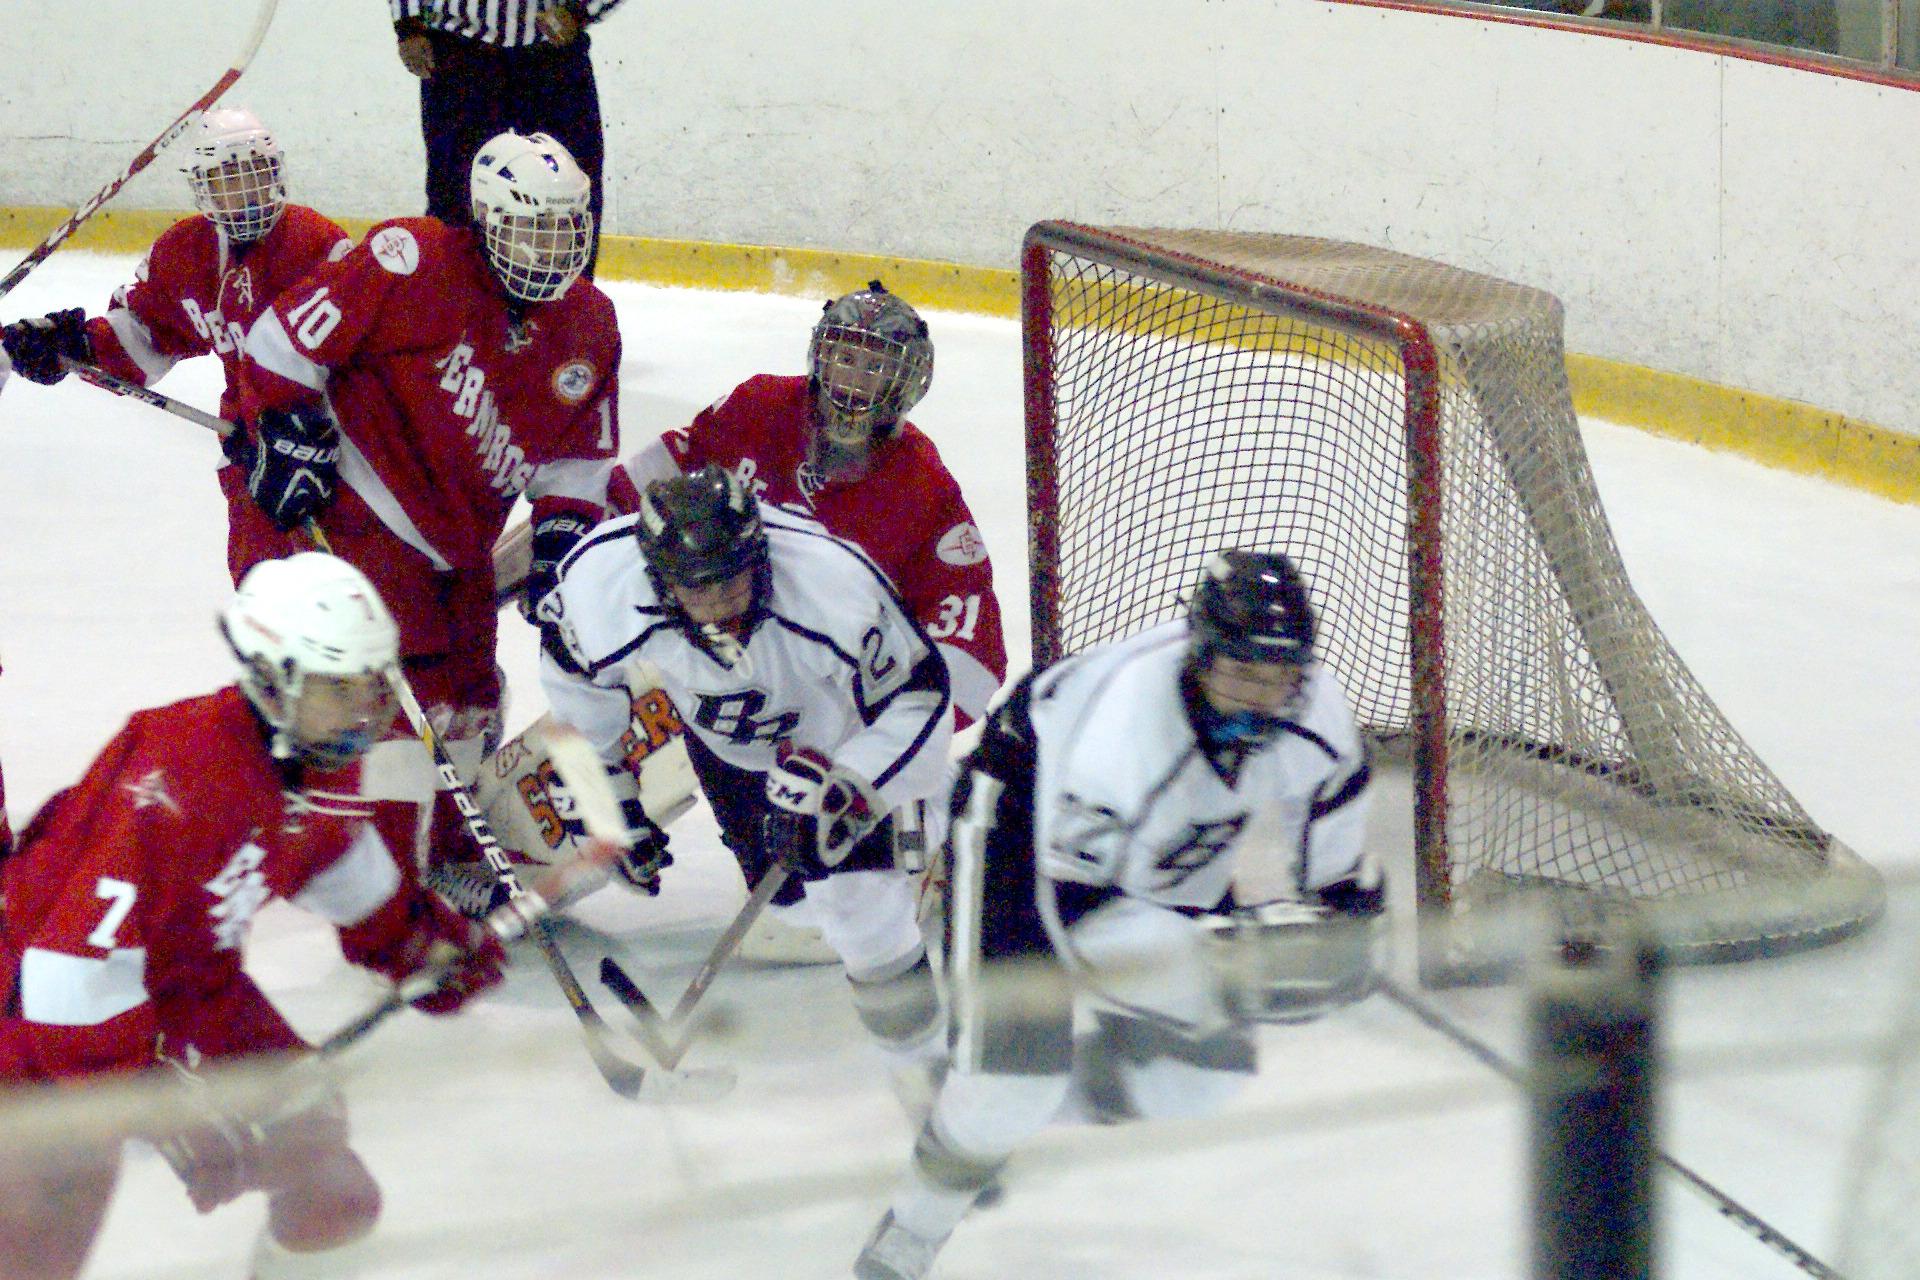 cb88db302ee20035fec7_Ice_Hockey_6.JPG